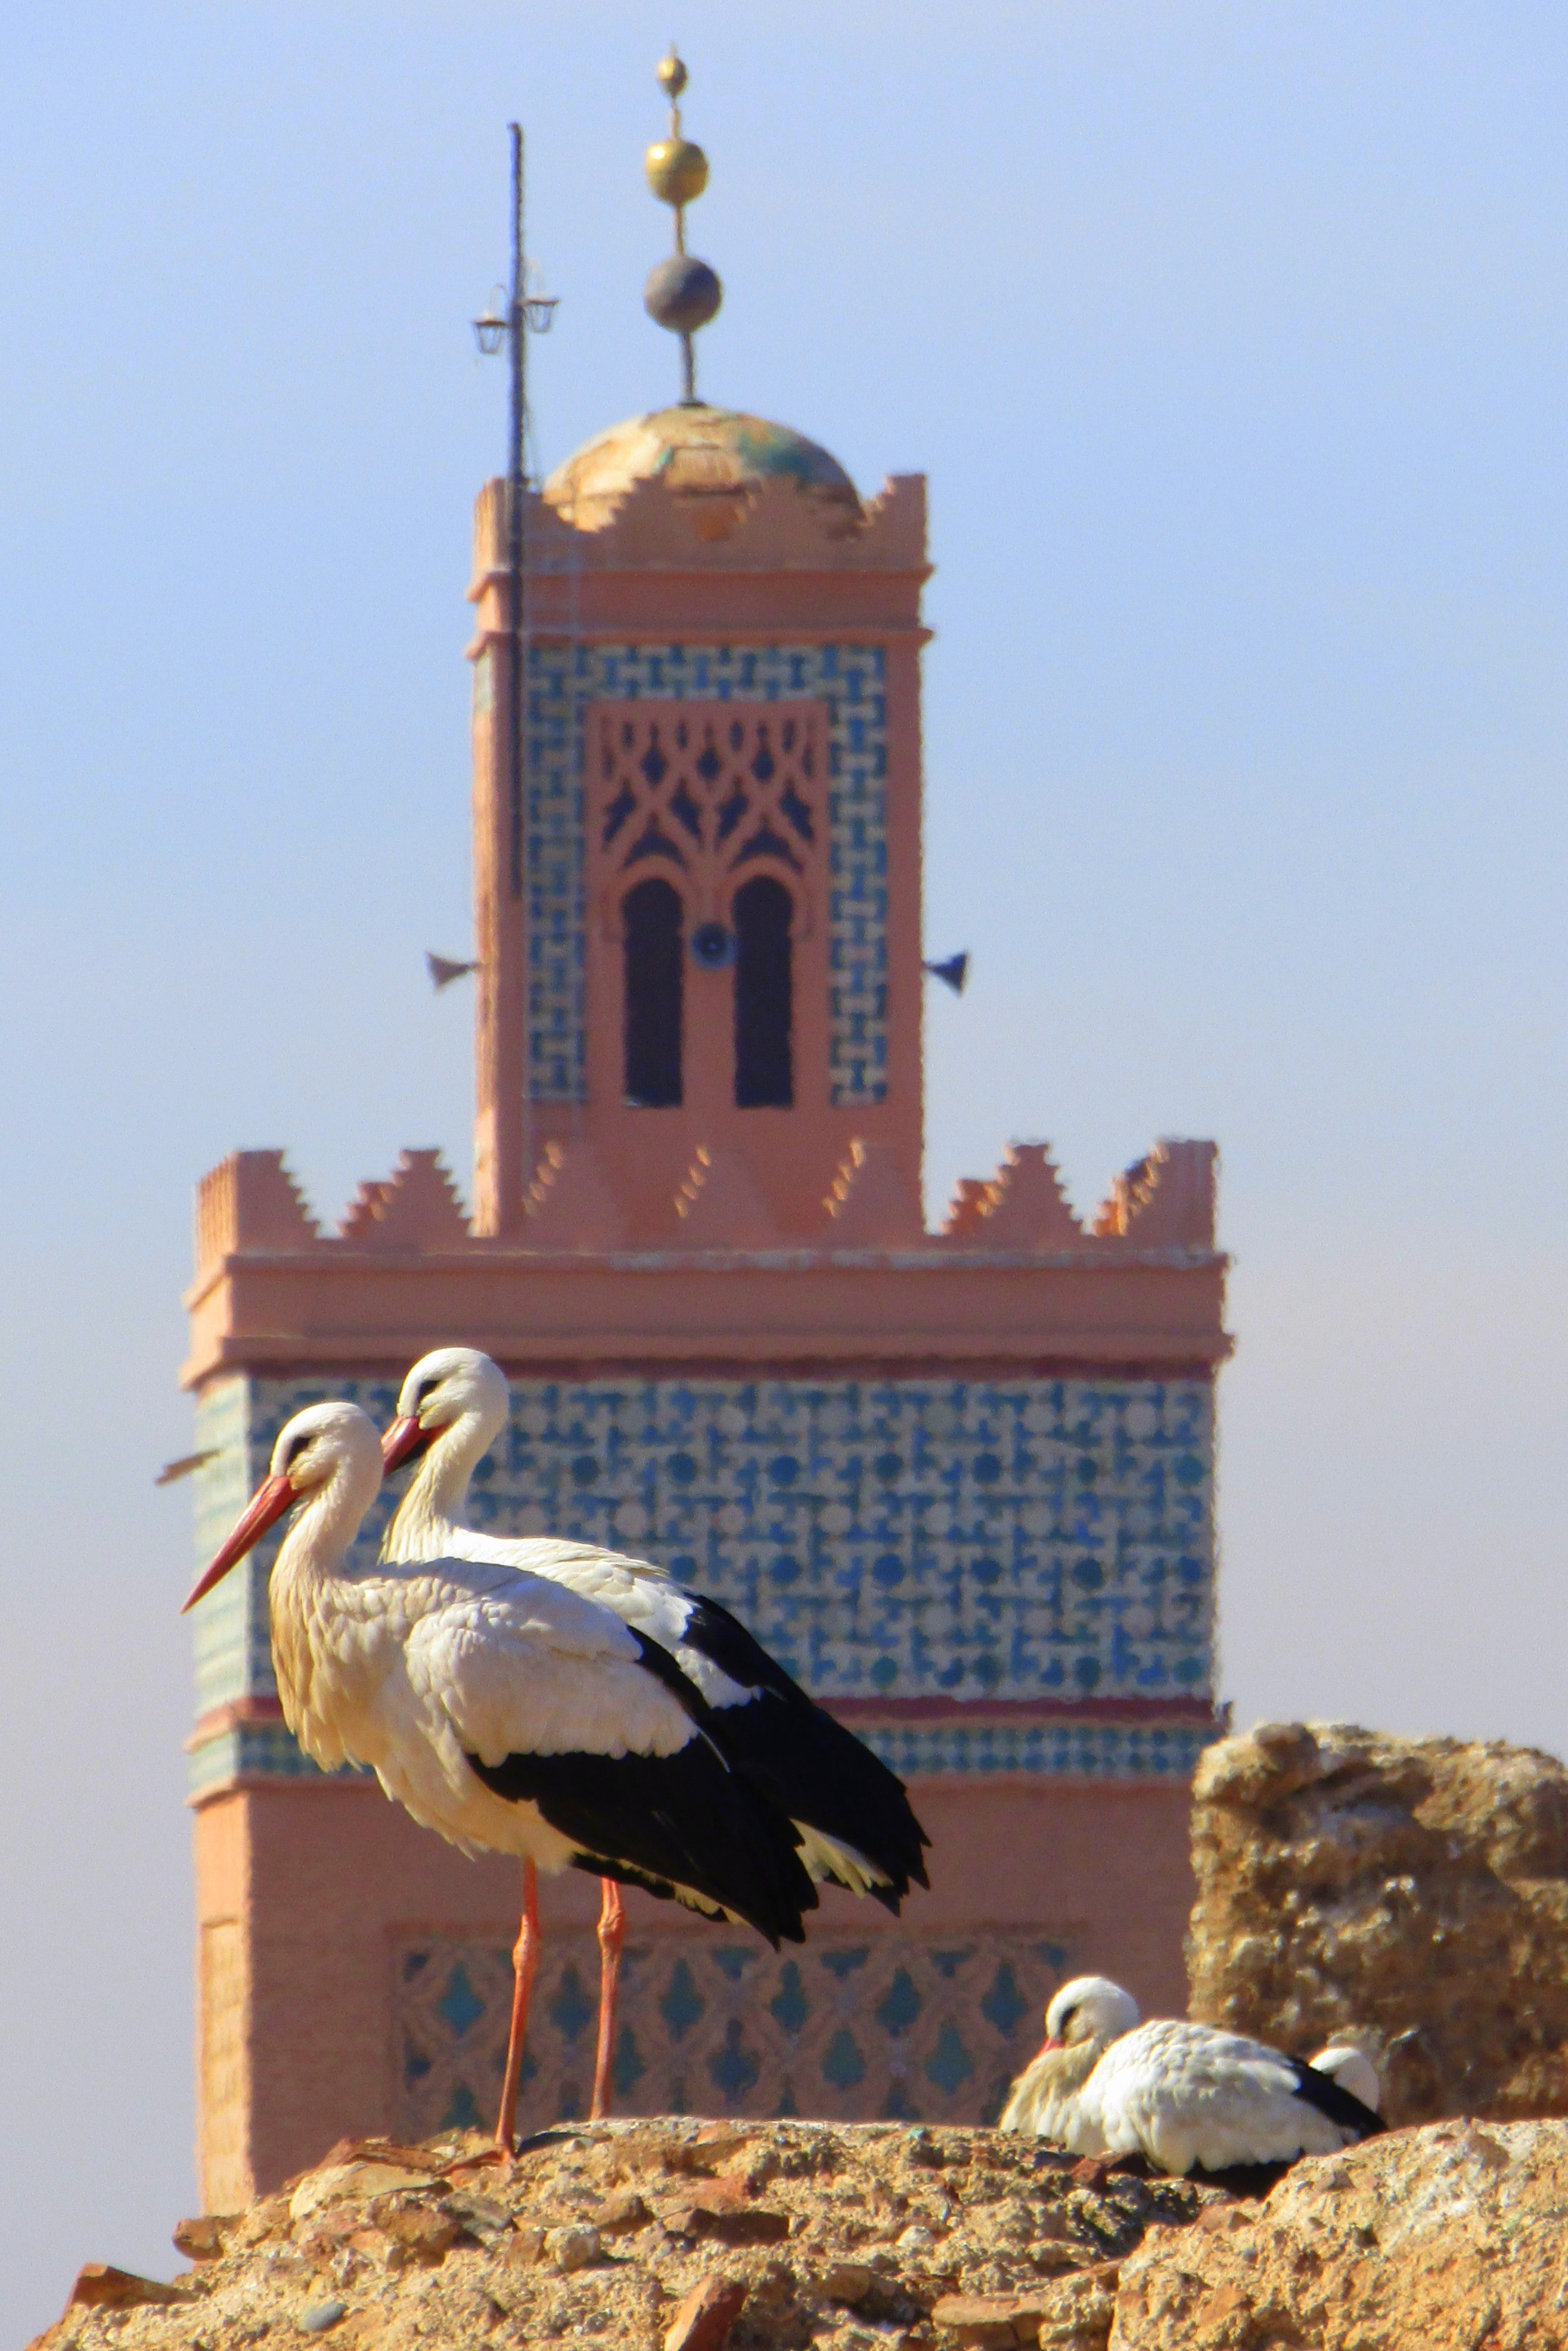 Storks nesting, Marrakech